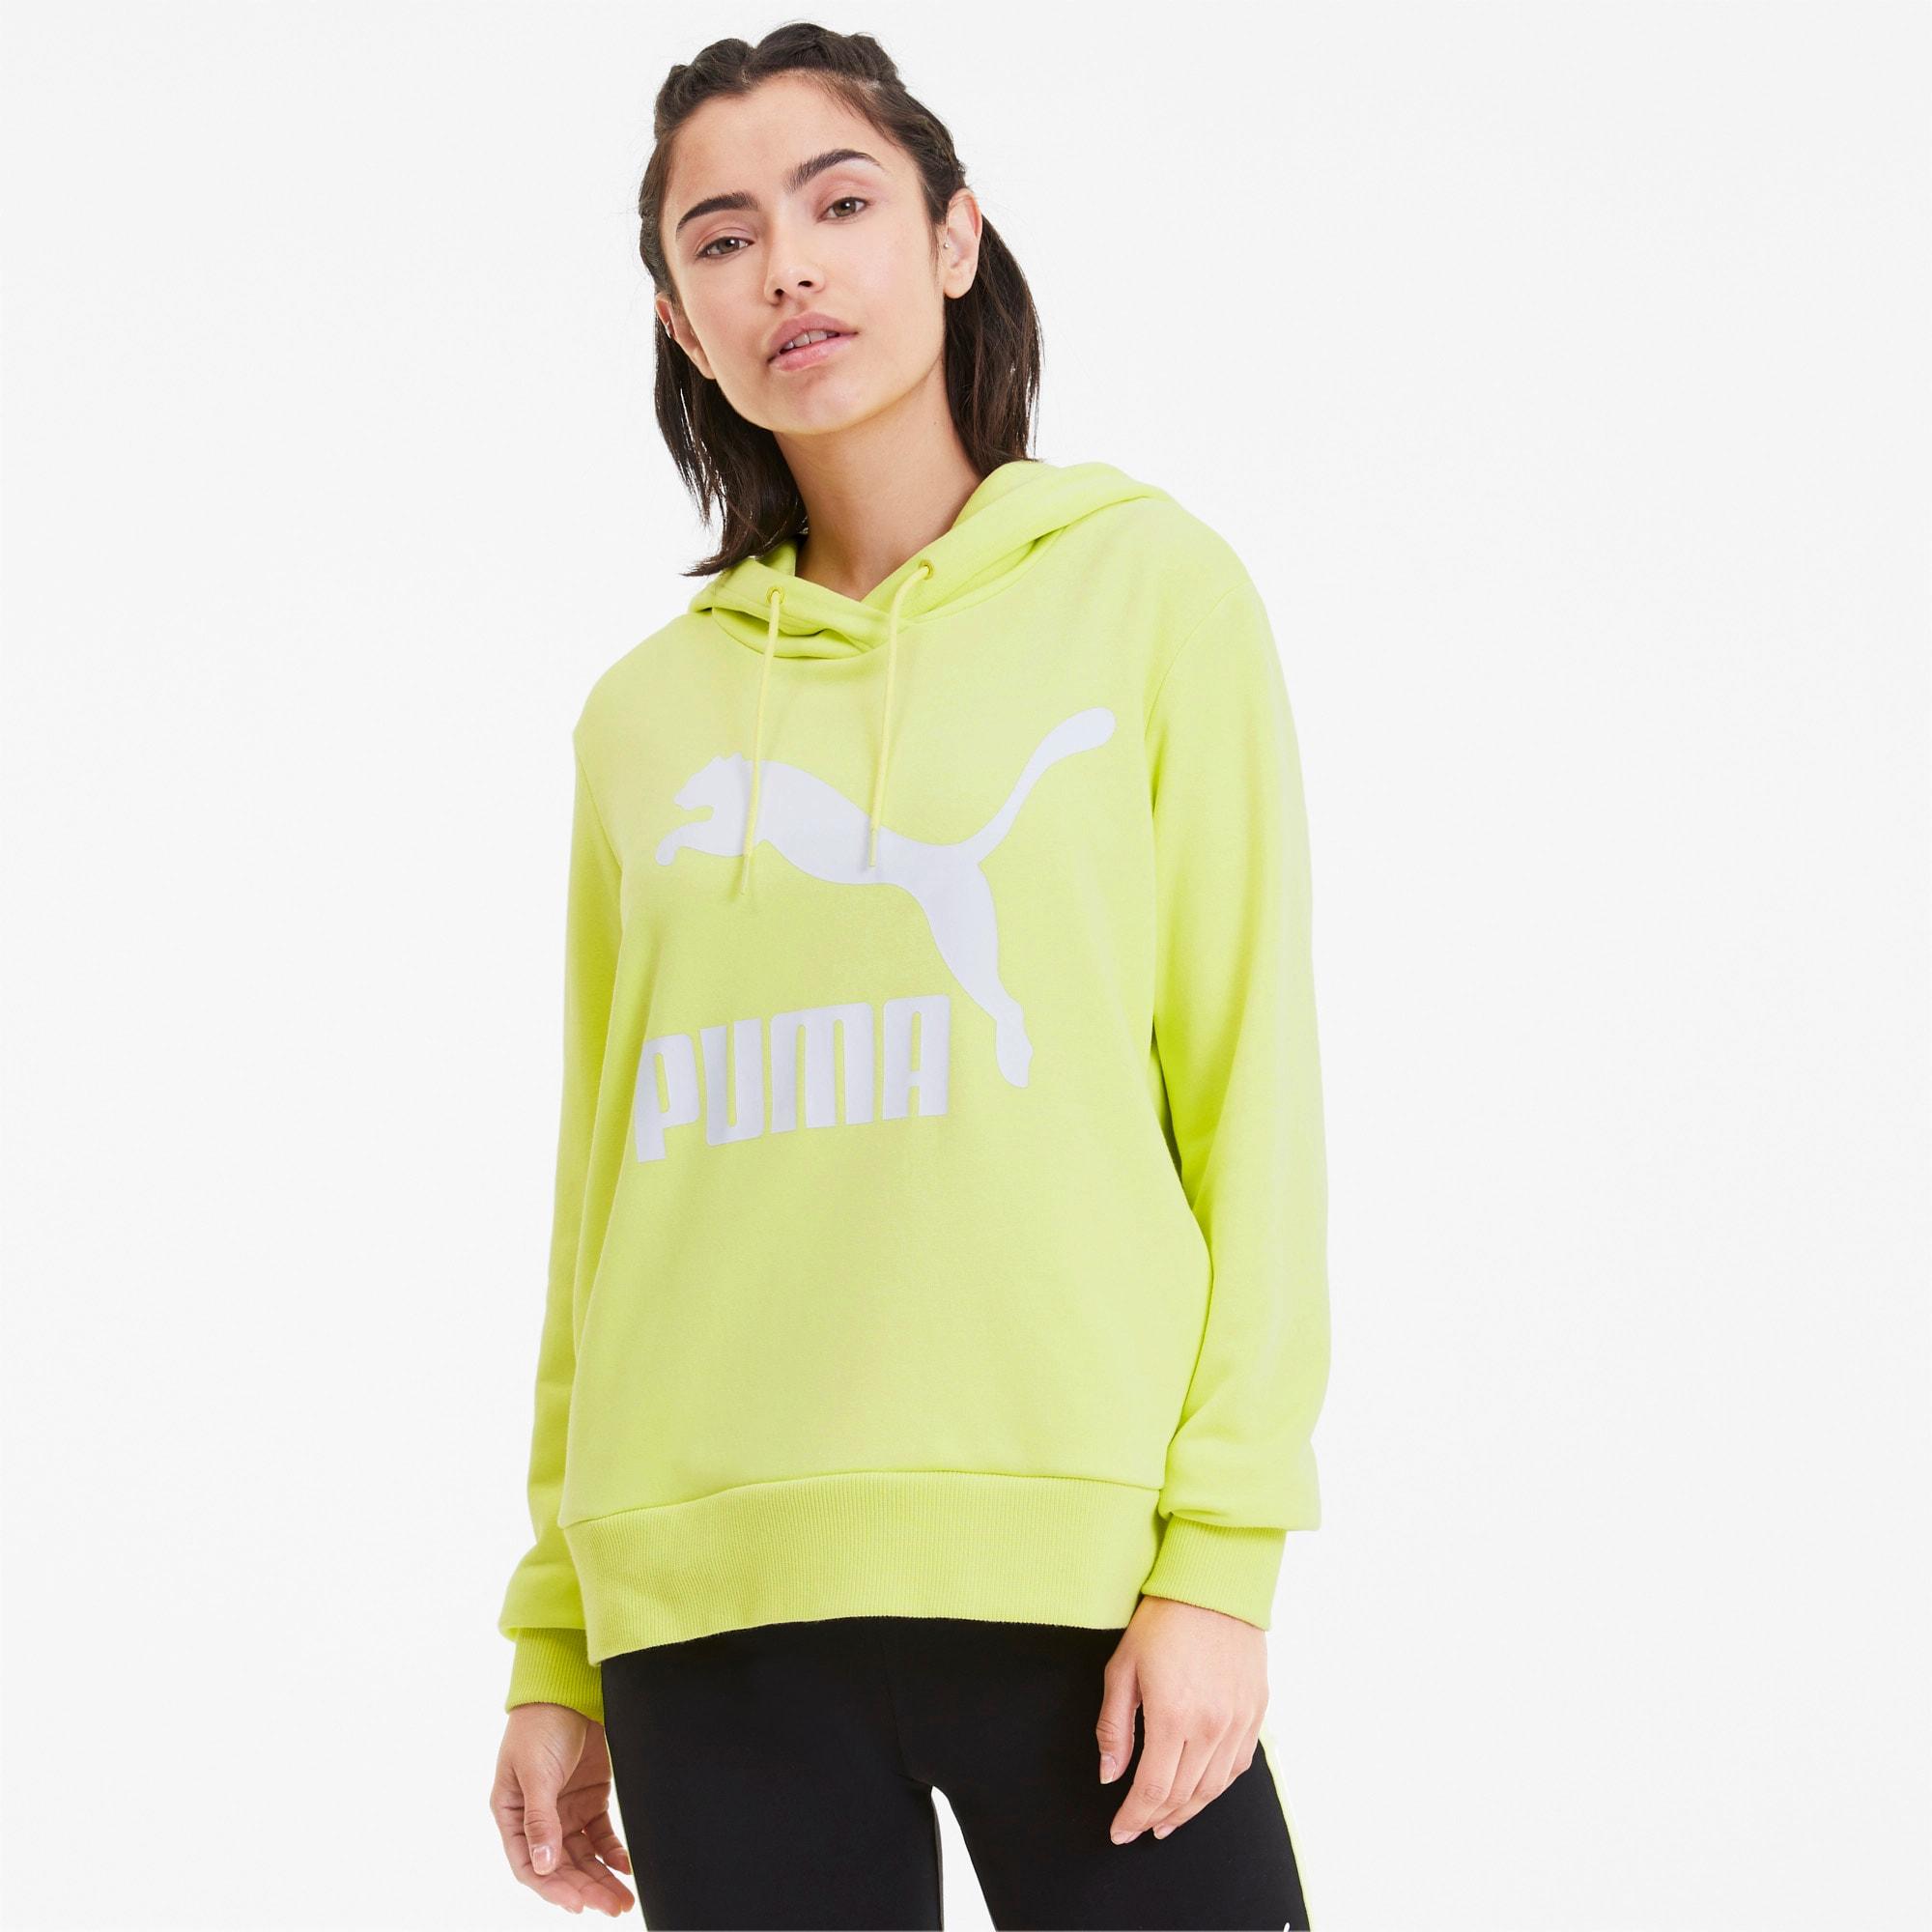 PUMA Damska Bluza Z Kapturem Classics Logo, Zielony, rozmiar XS, Odzież